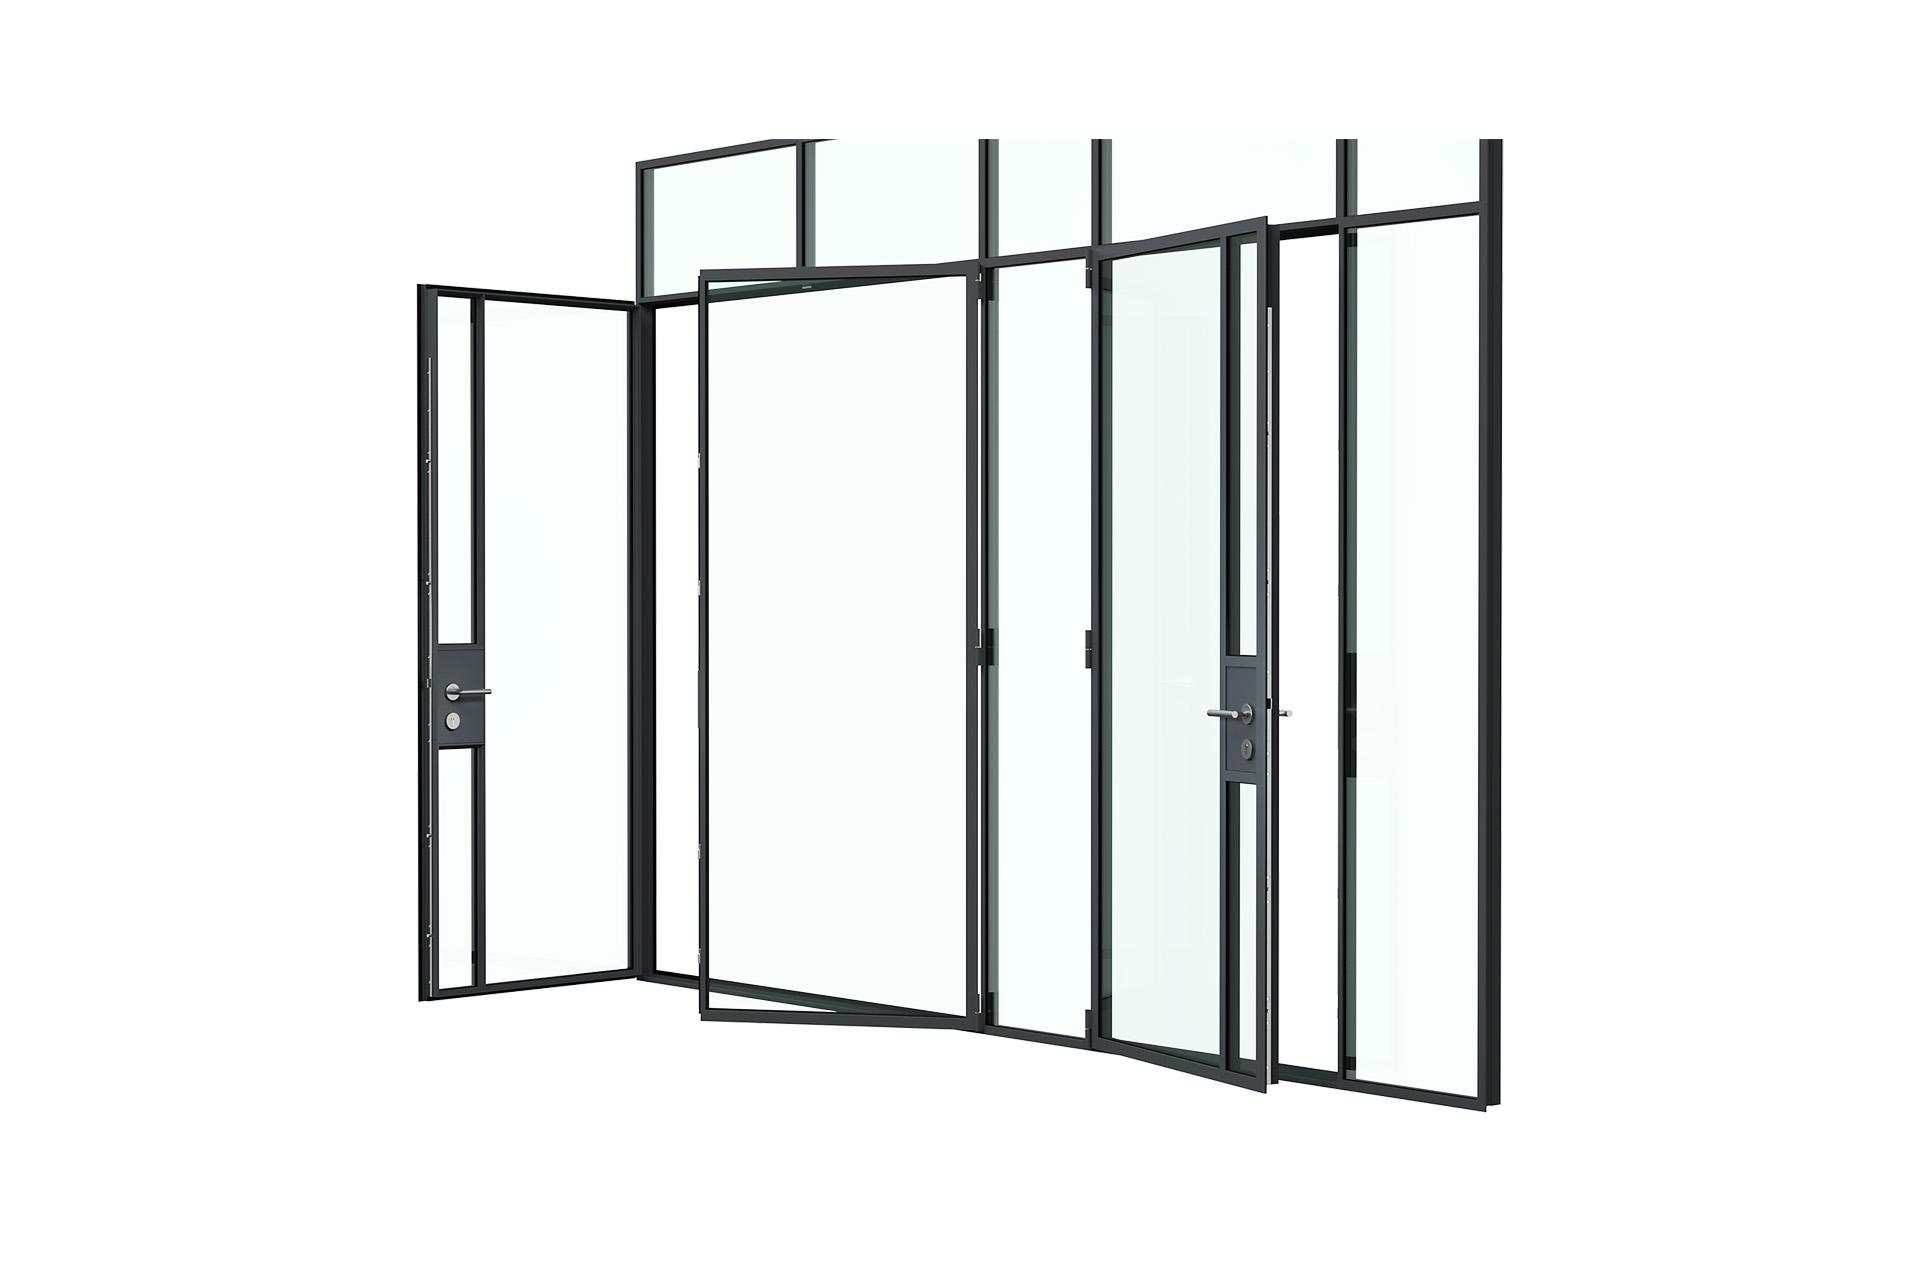 3d rendering side view of MHB steel lock case doors